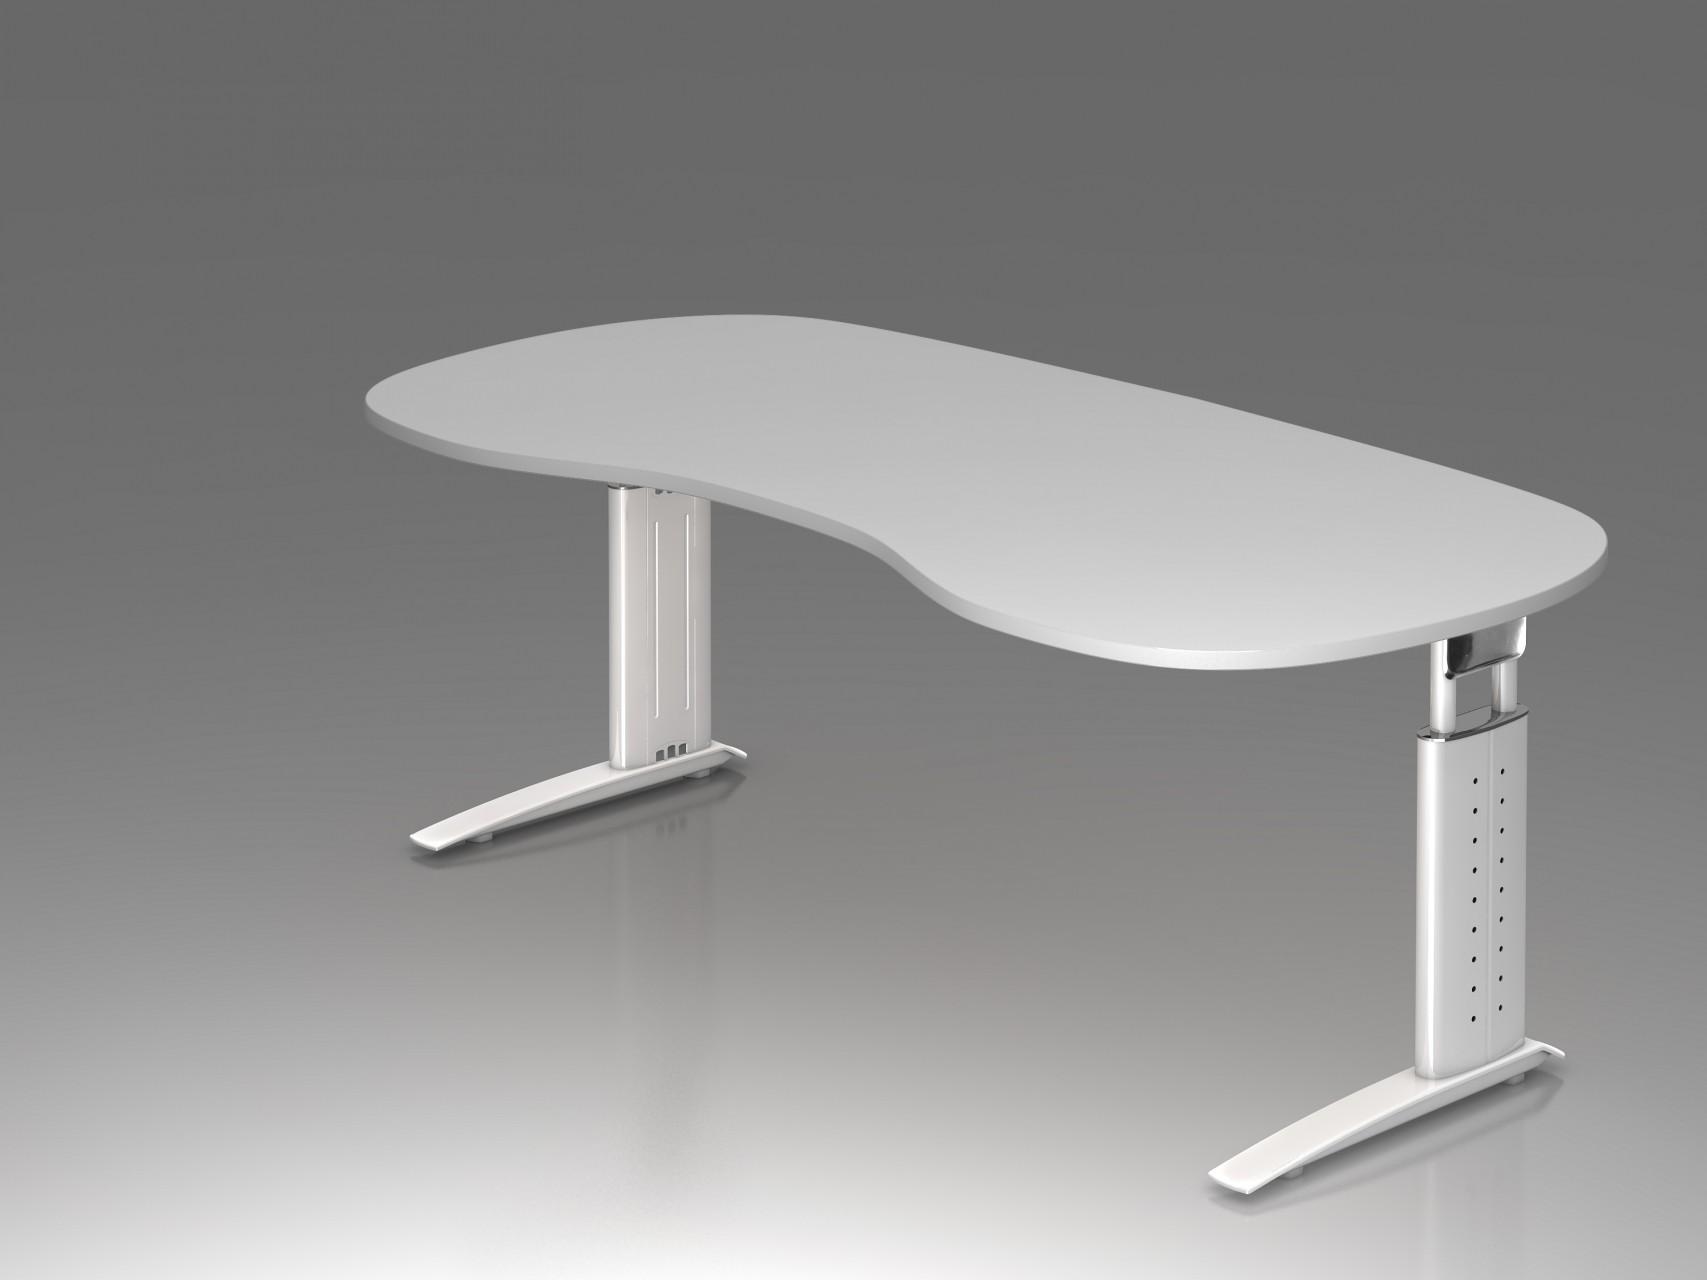 Bureau r glable en hauteur ergonomique plus courbe achat for Bureau reglable en hauteur ikea